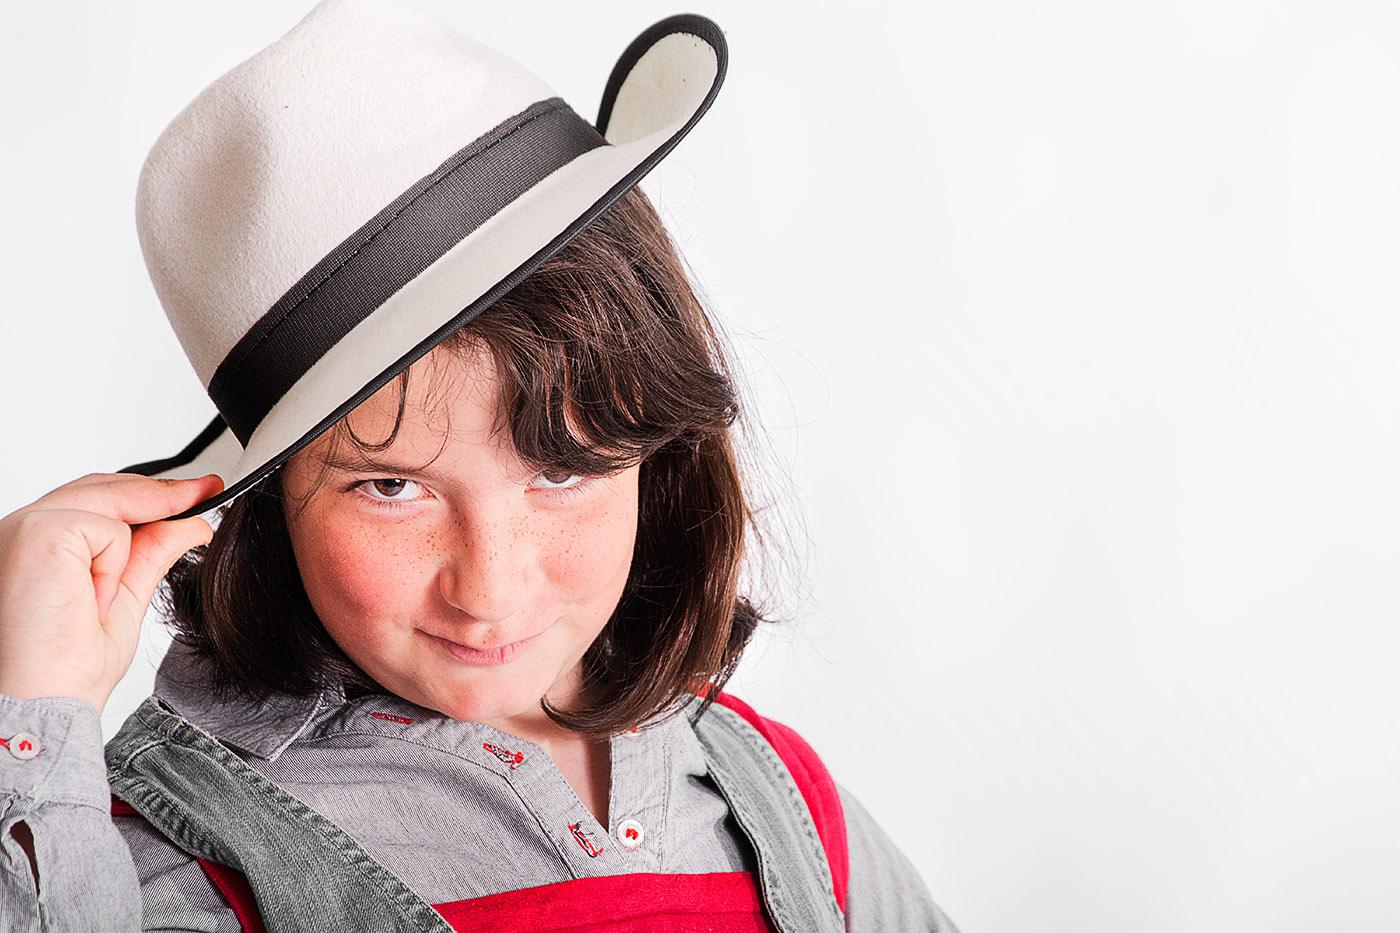 kidsfoto.es Fotografía de estudio con Jassmina.- Book infantil